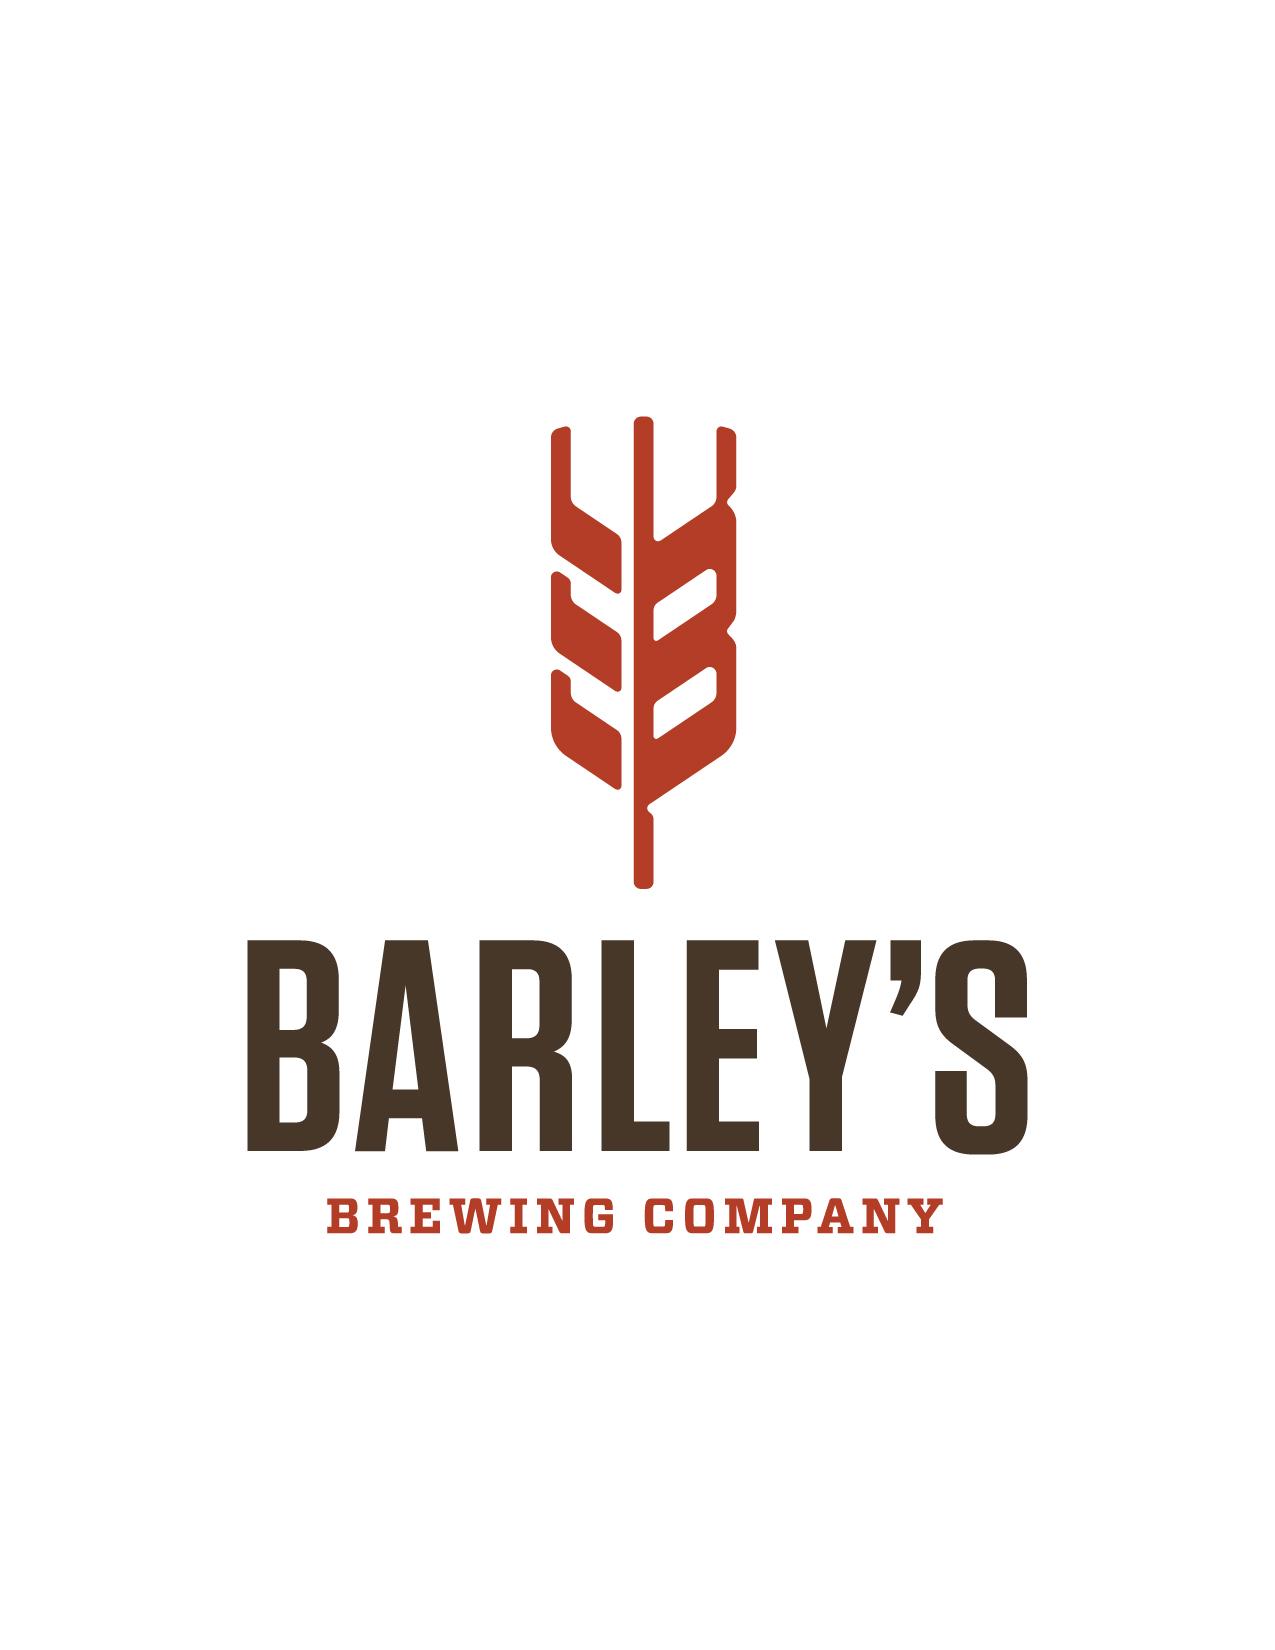 barleys_logo_rgb.jpg